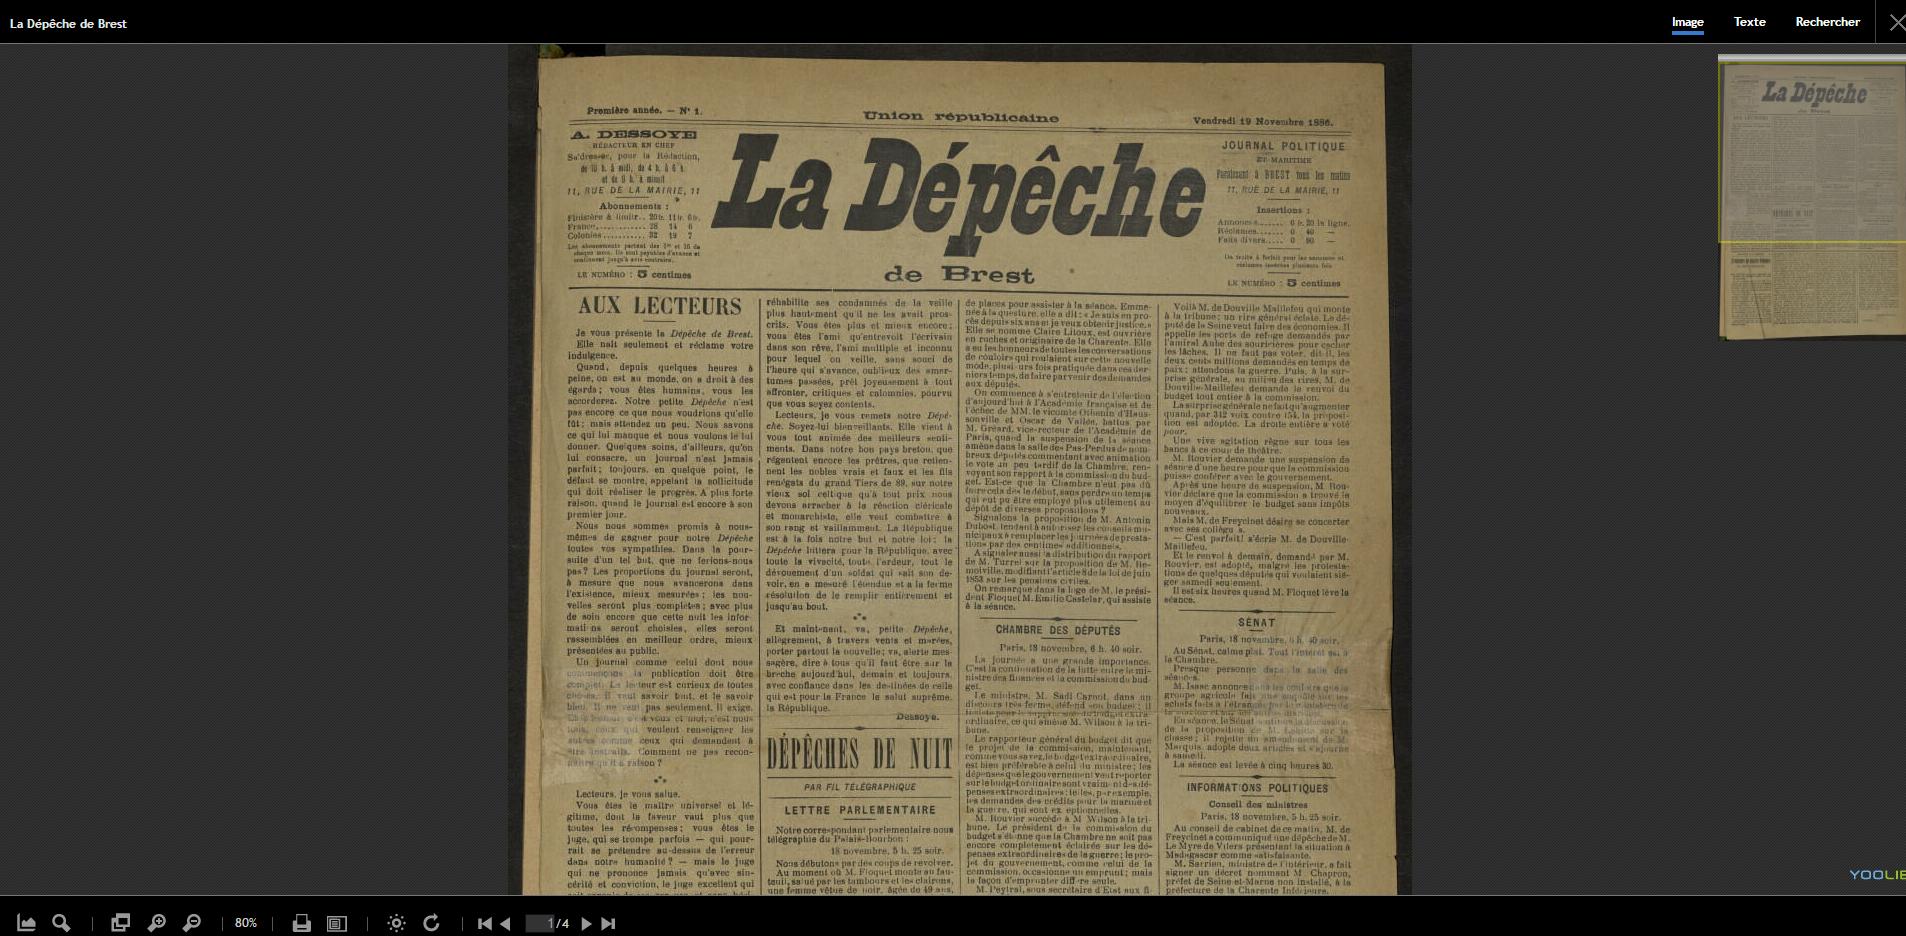 Le-Telegramme-archives